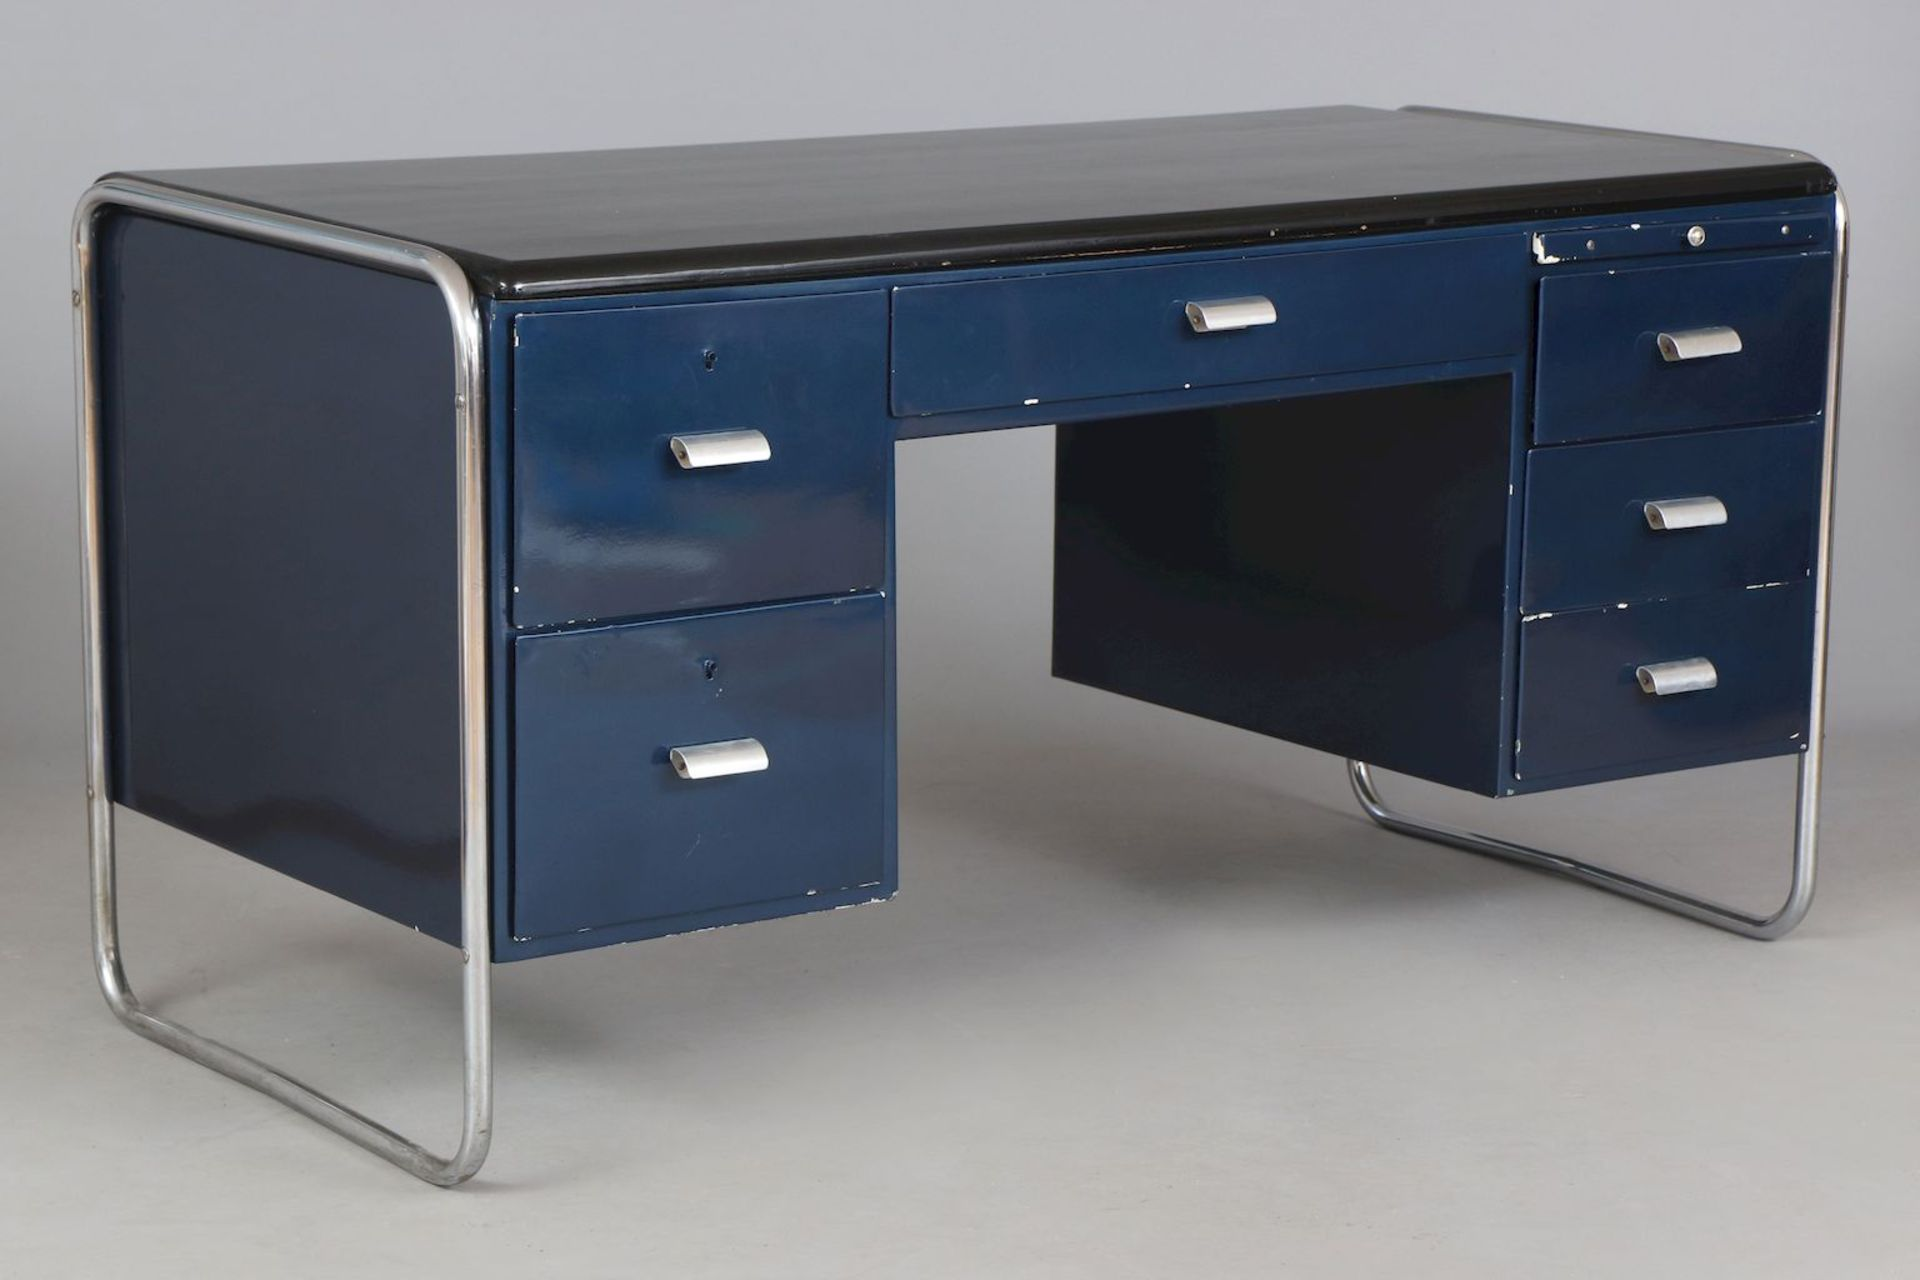 BAUHAUS Schreibtisch der 1930er Jahre - Image 2 of 4